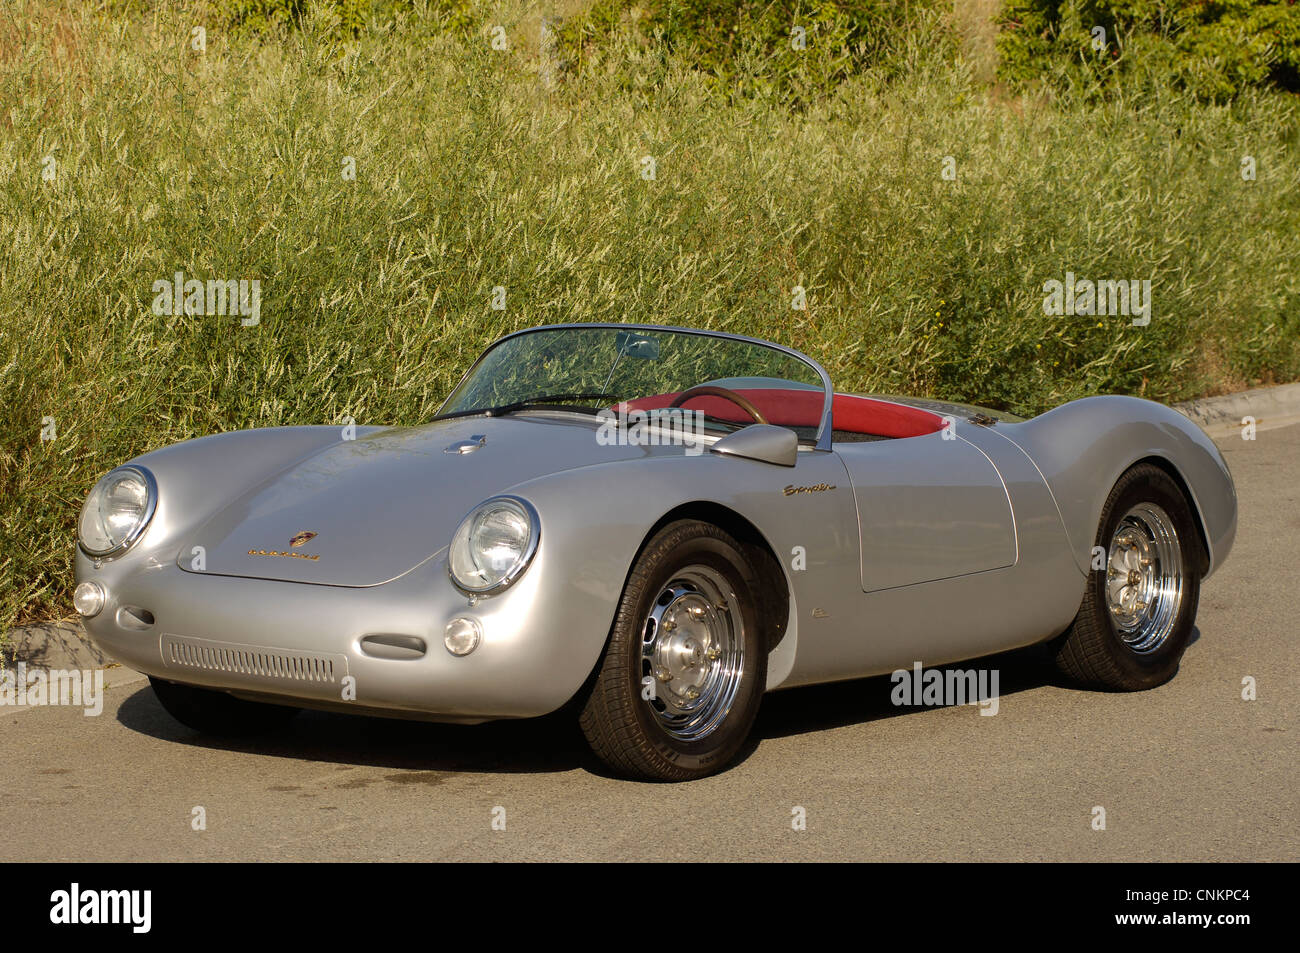 Porsche 550 Spyder James Dean Replica